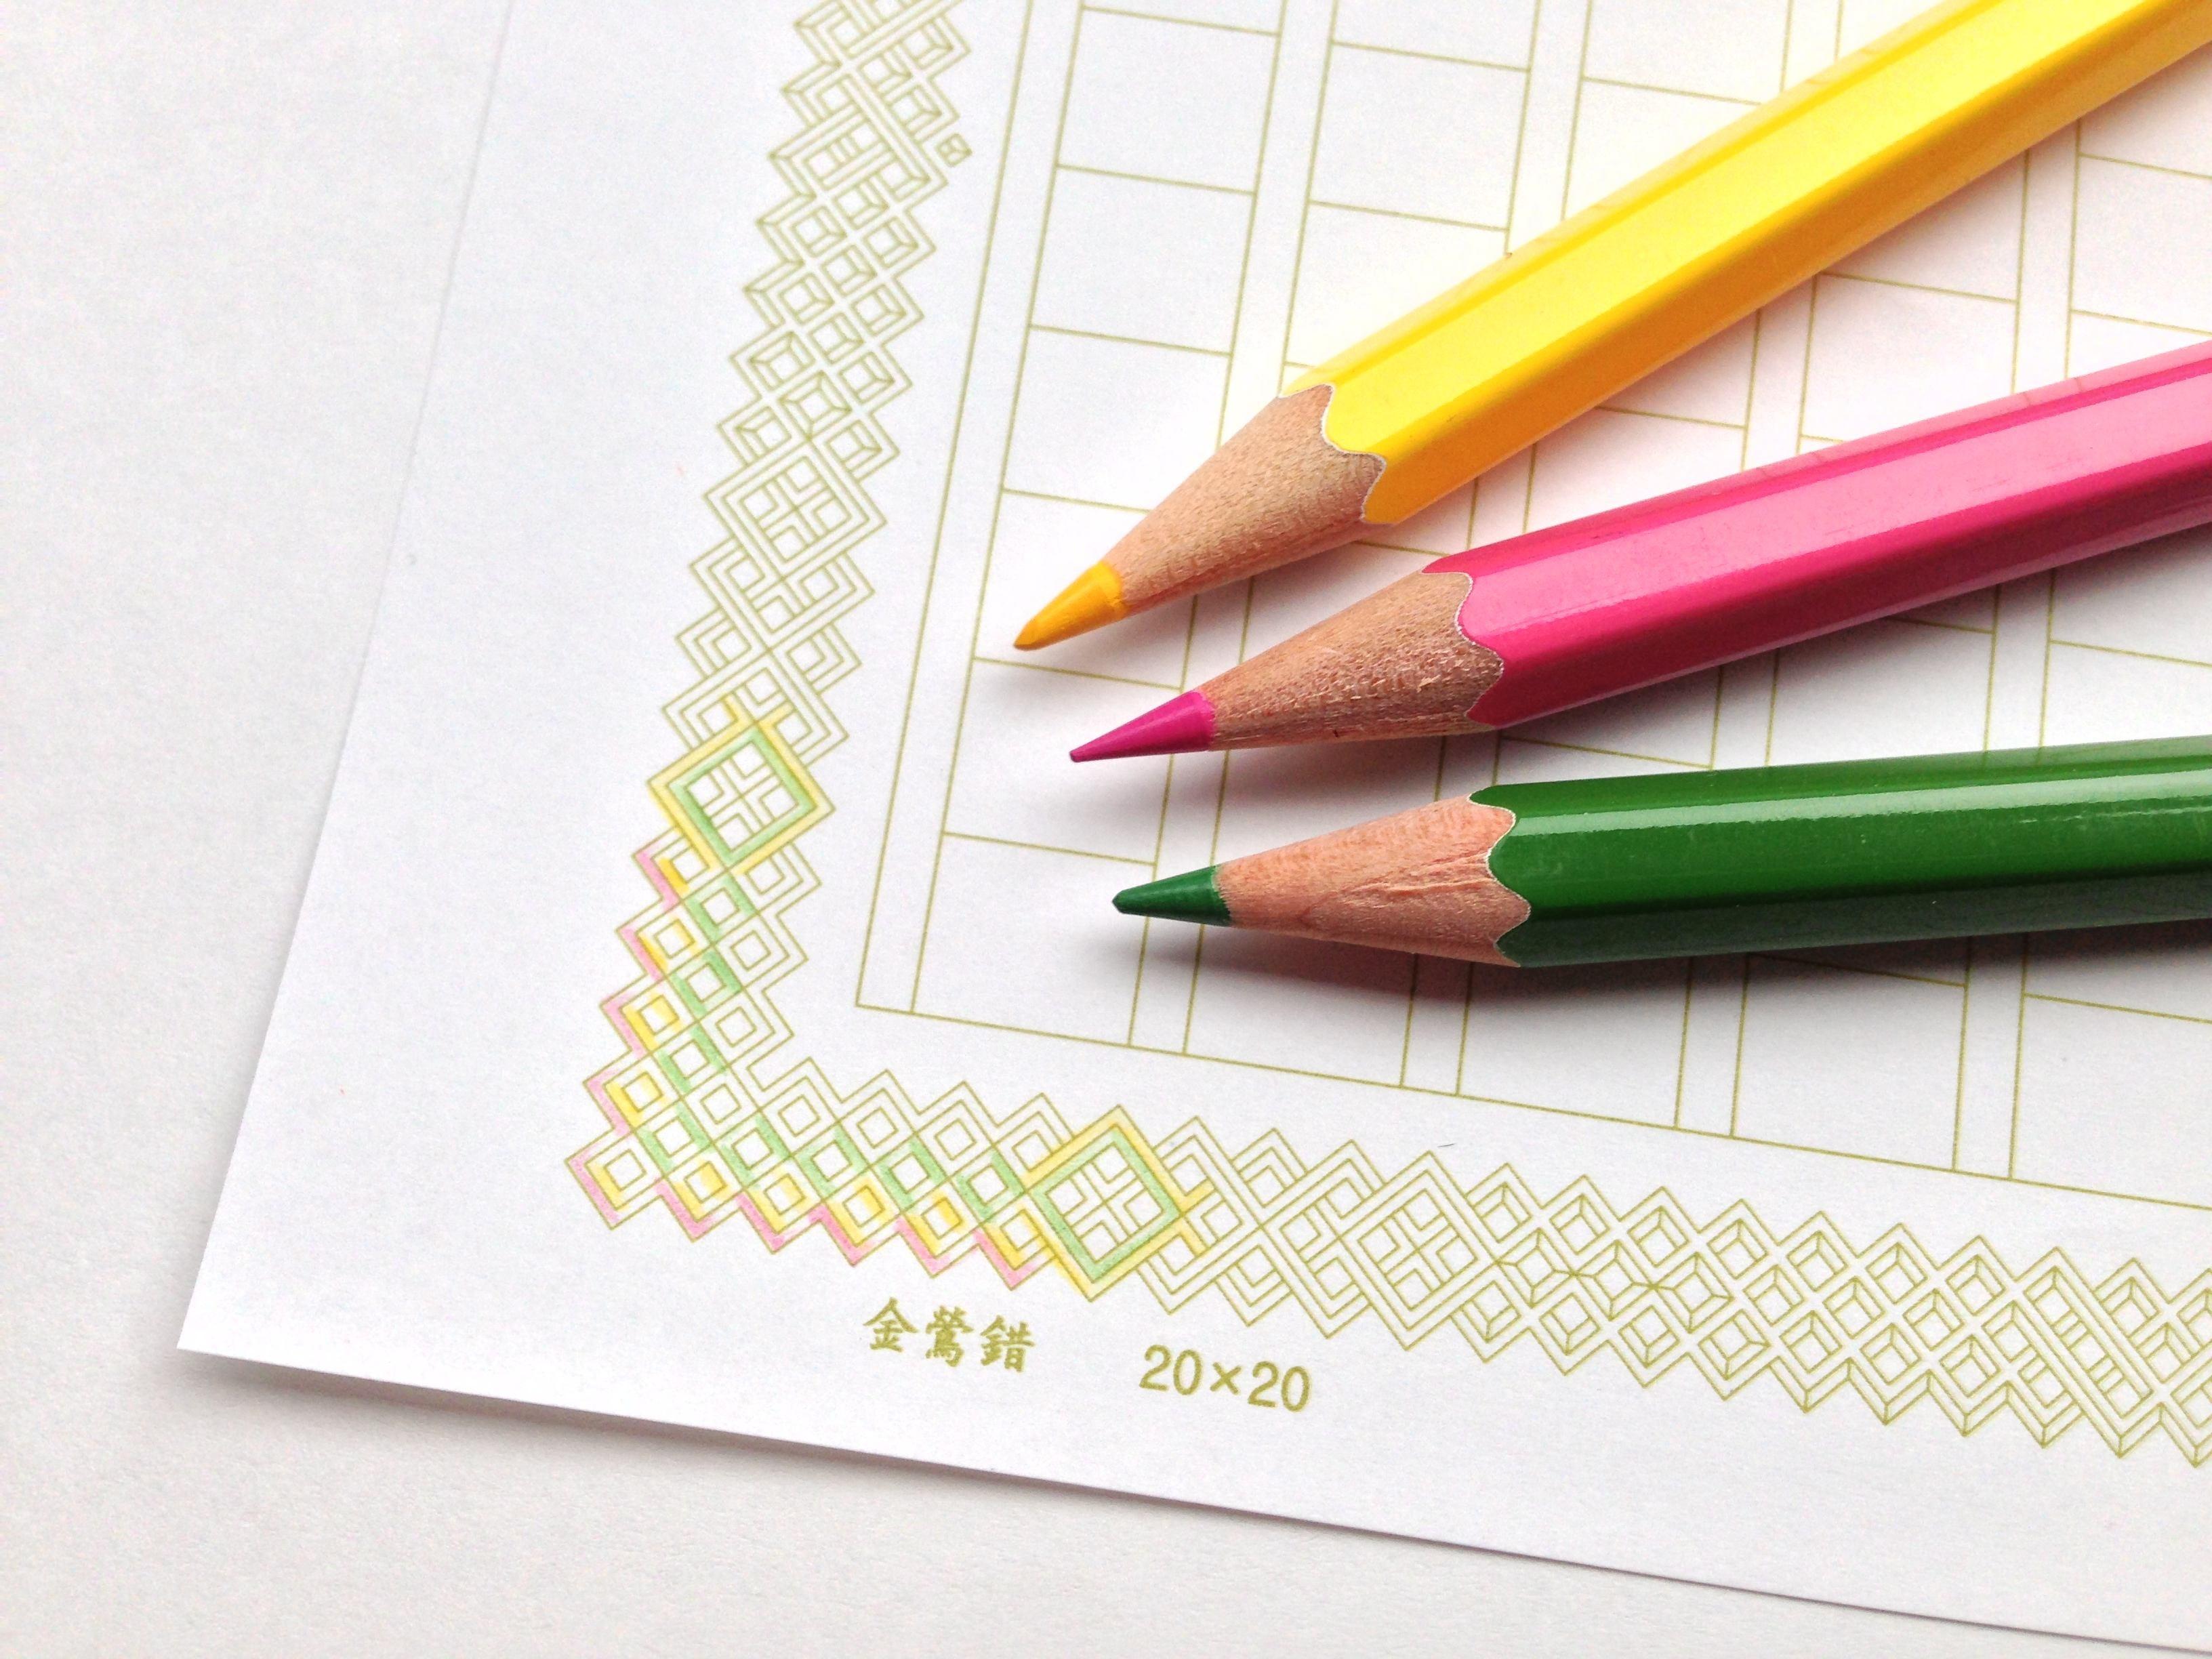 小日向京のひねもす文房具|第八十六回「飾り原稿用紙・ふたふで箋《金鶯錯》」